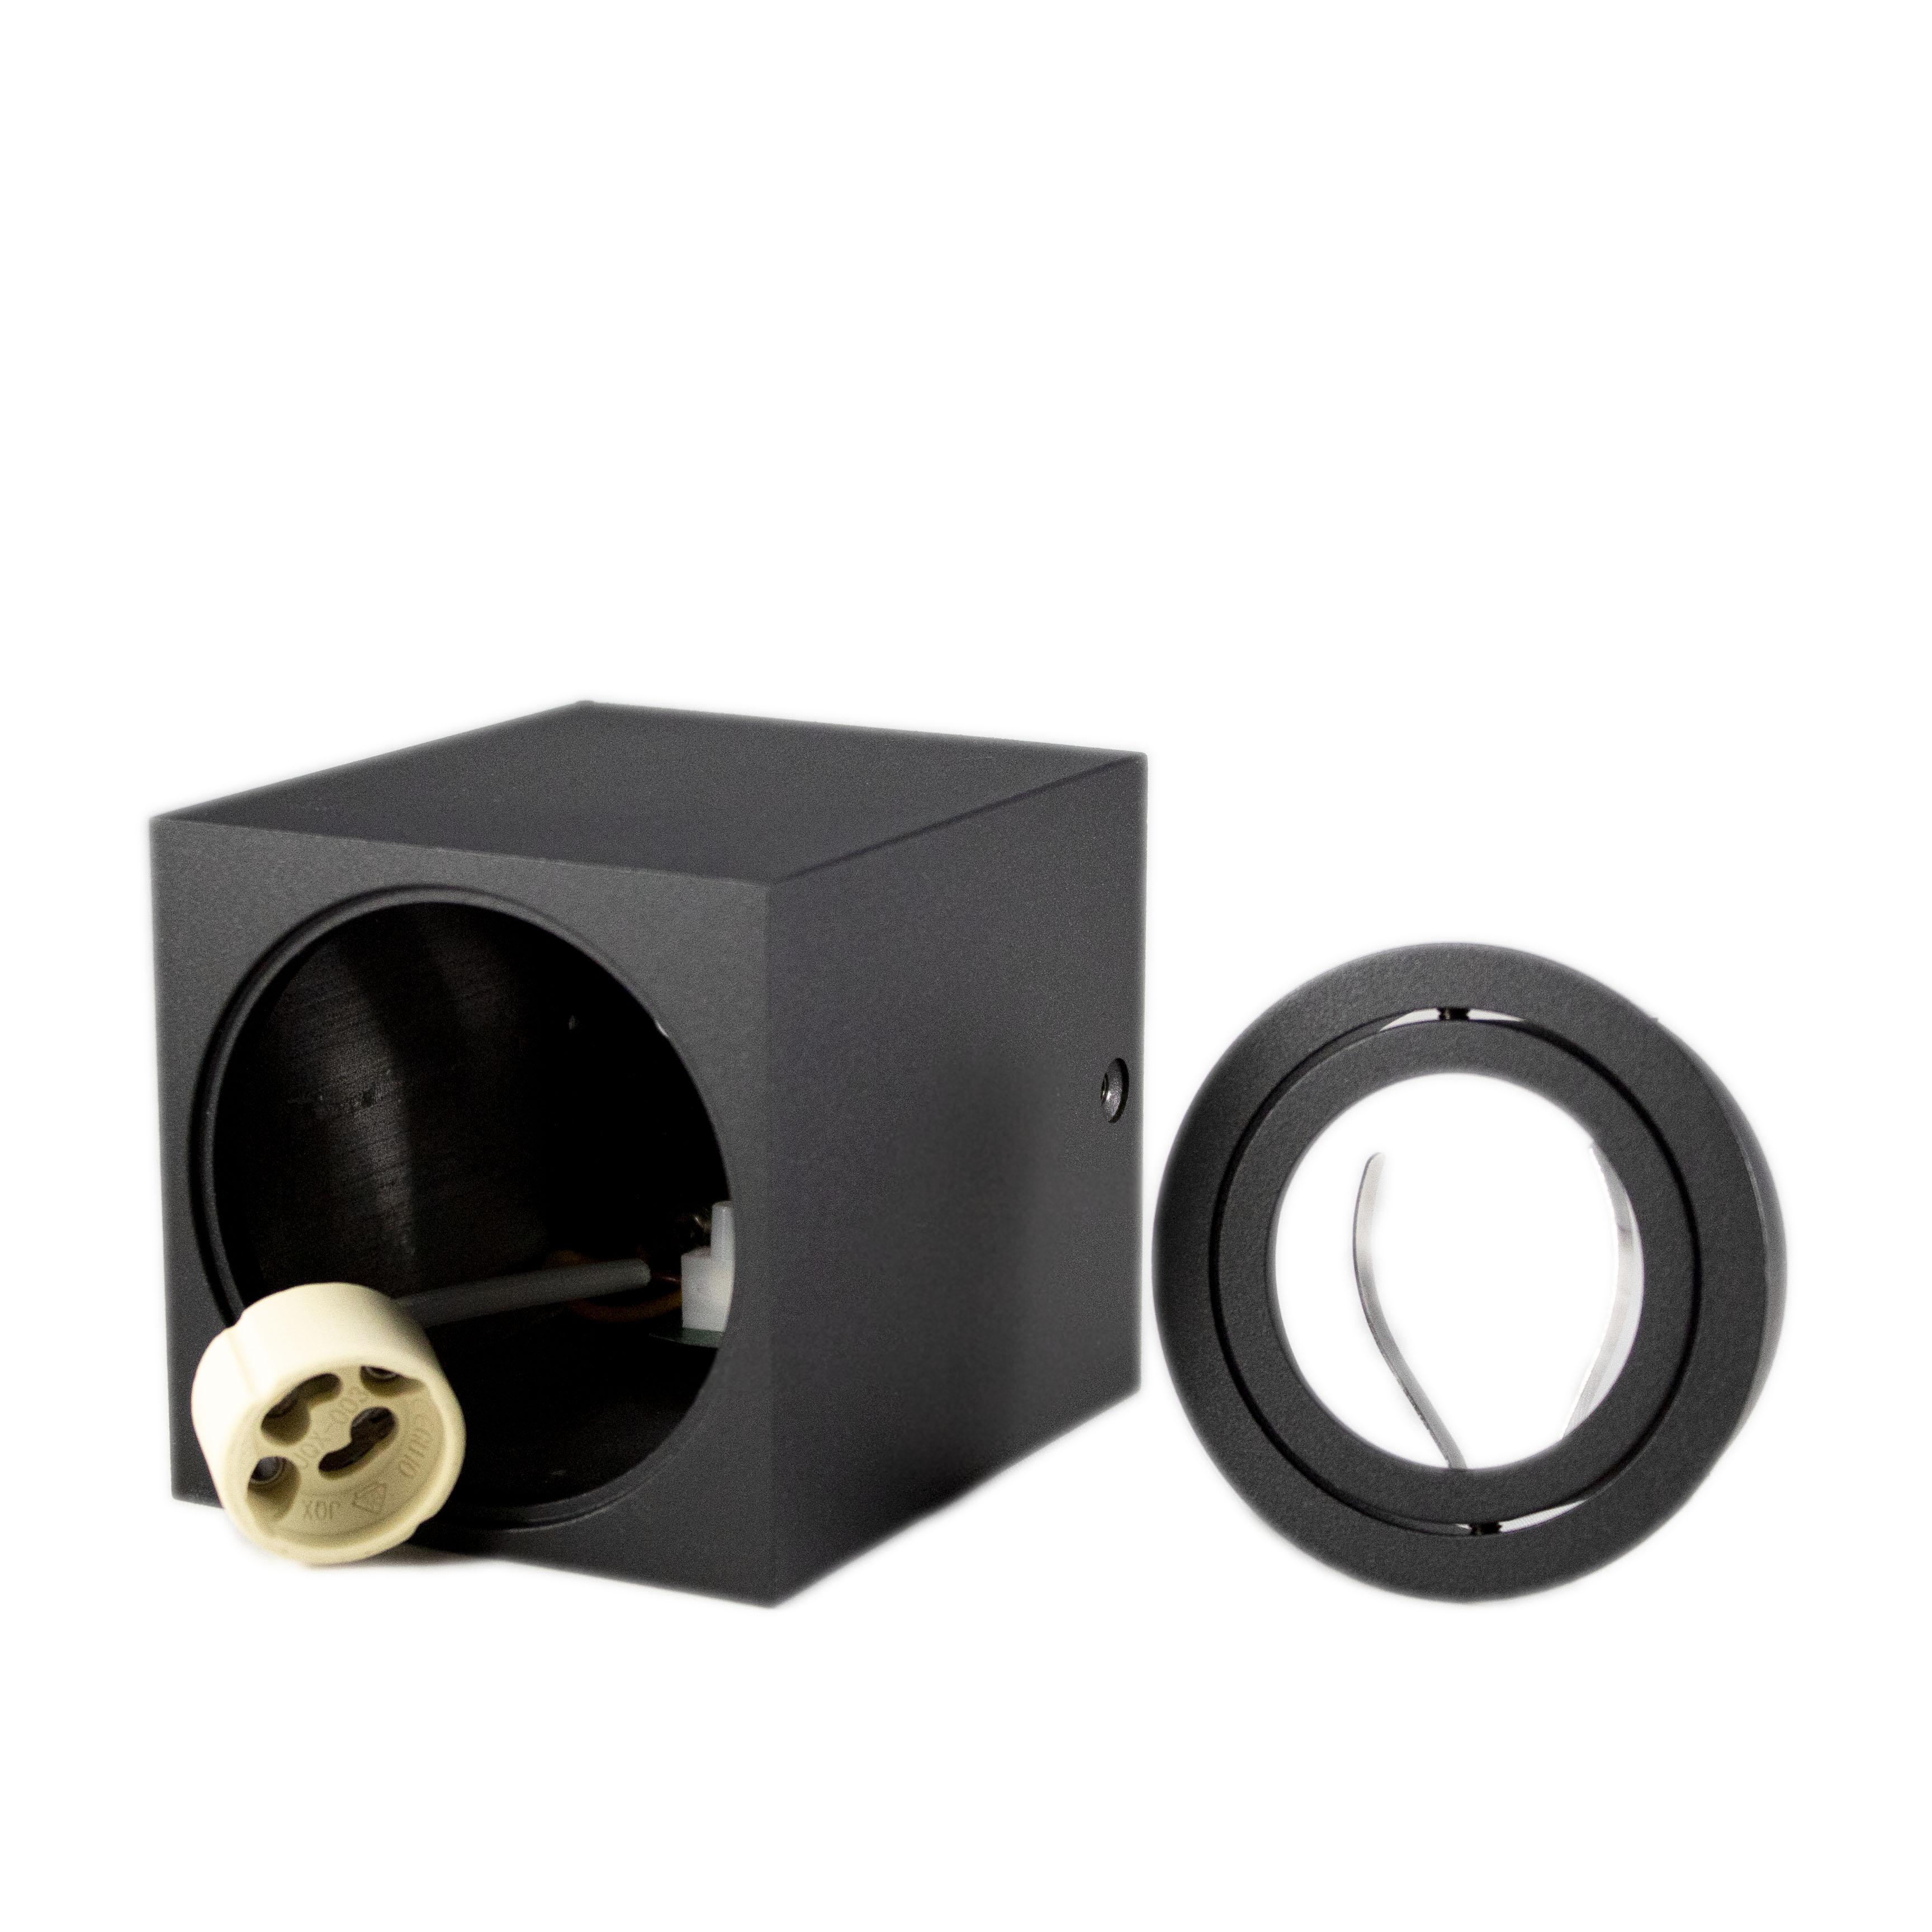 Opbouw spot armatuur zwart vierkant kantelbaar GU10 fitting - onderdelen armatuur